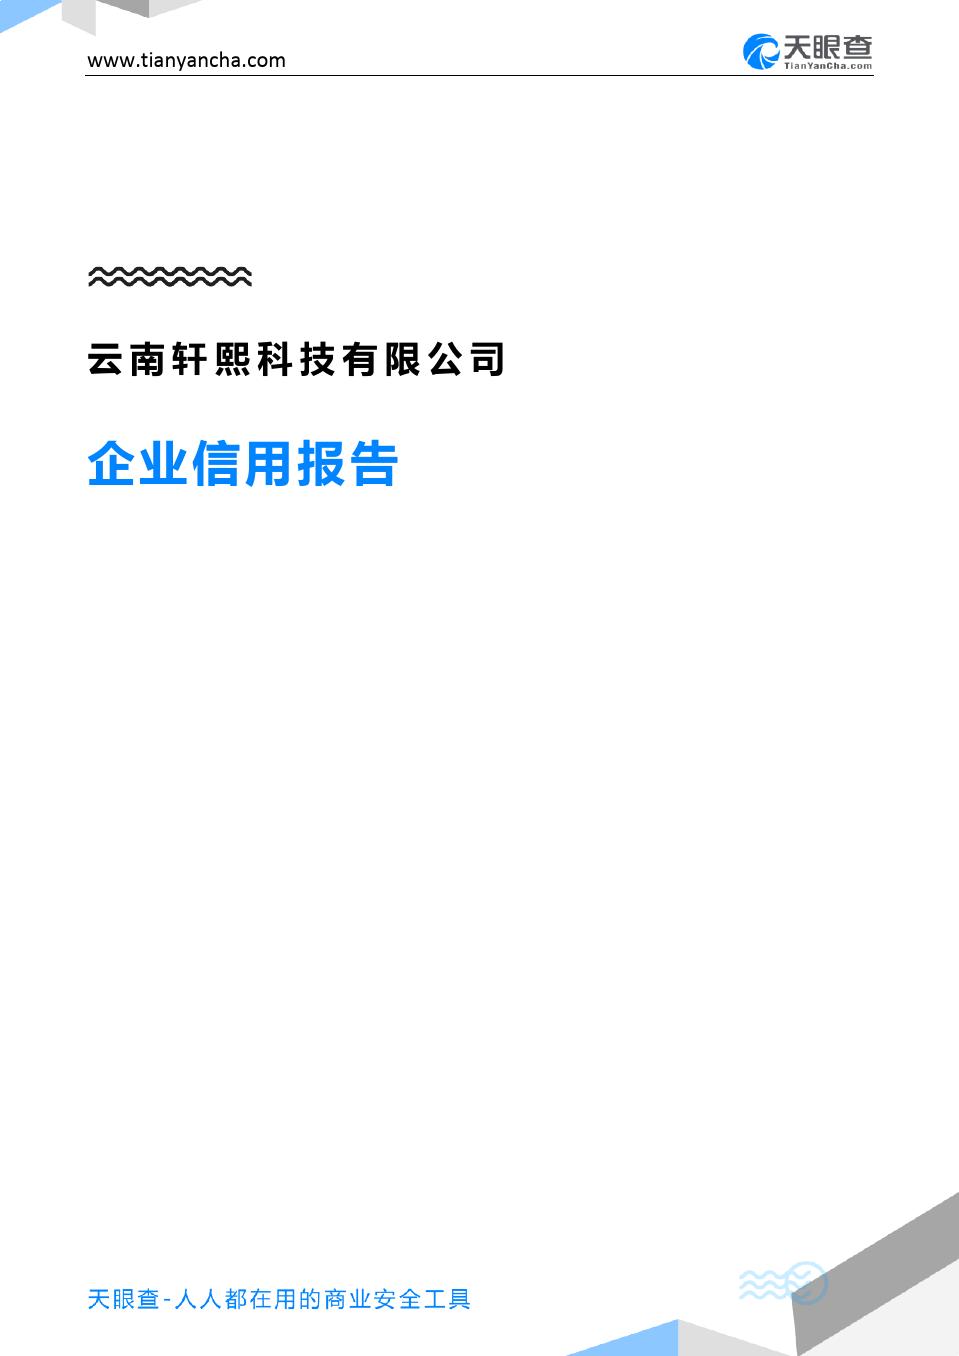 云南轩熙科技有限公司(企业信用报告)- 天眼查